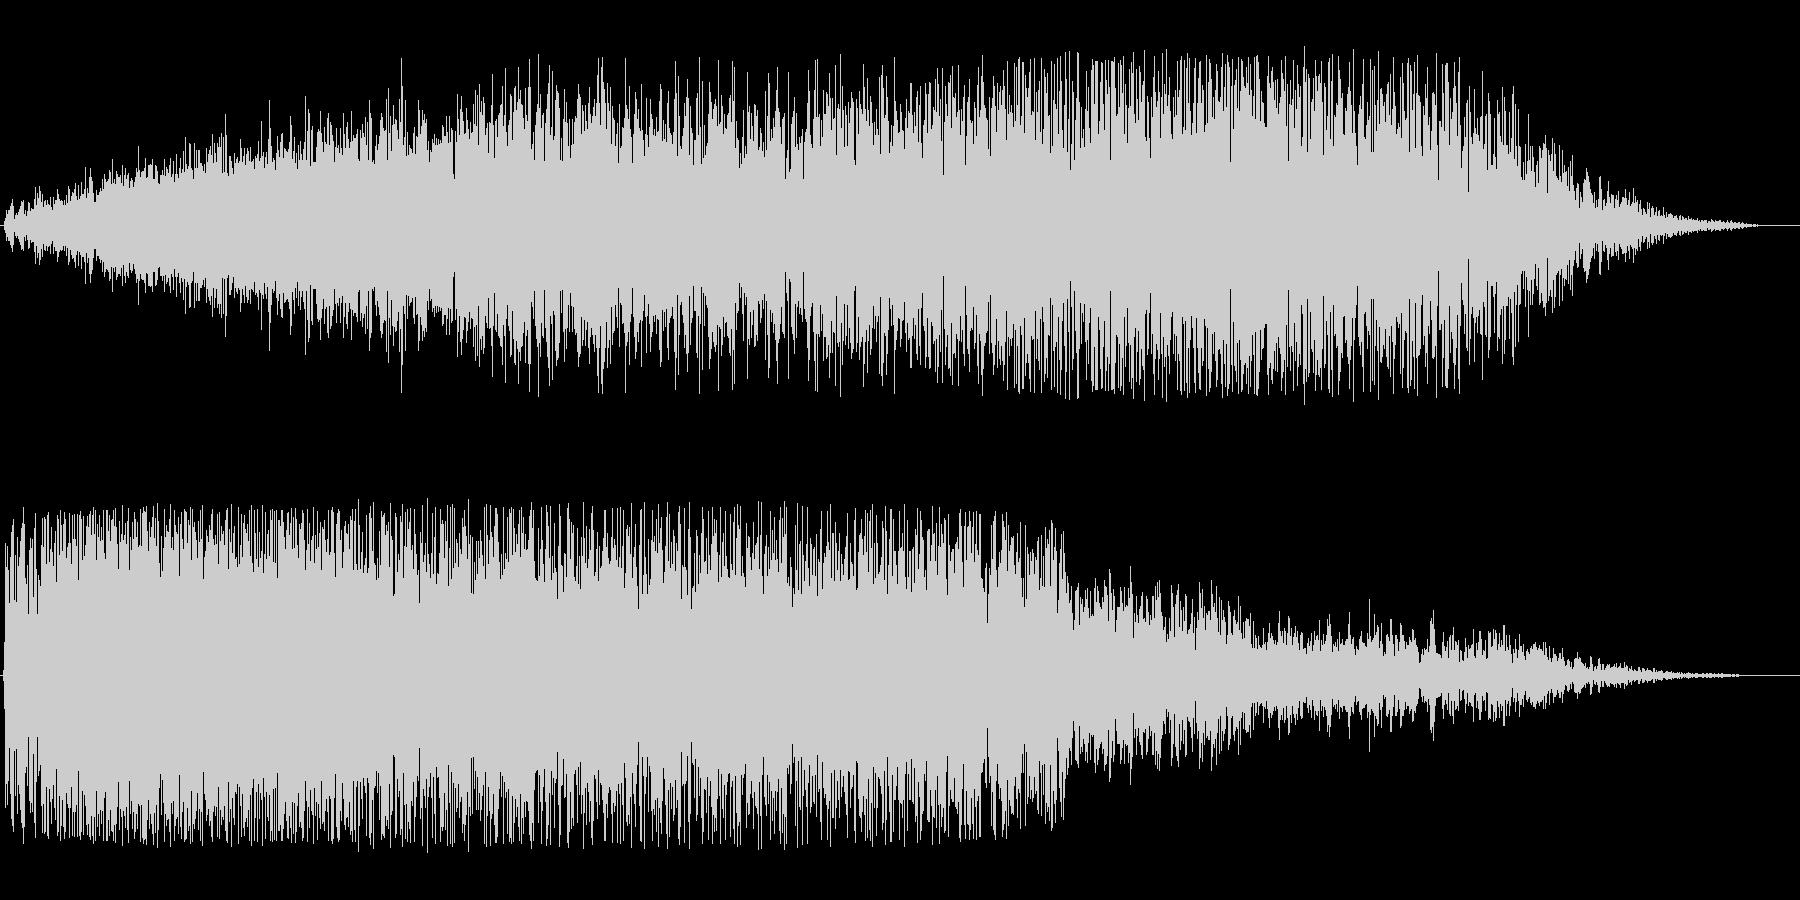 ビュオーン(宇宙船通過10)の未再生の波形